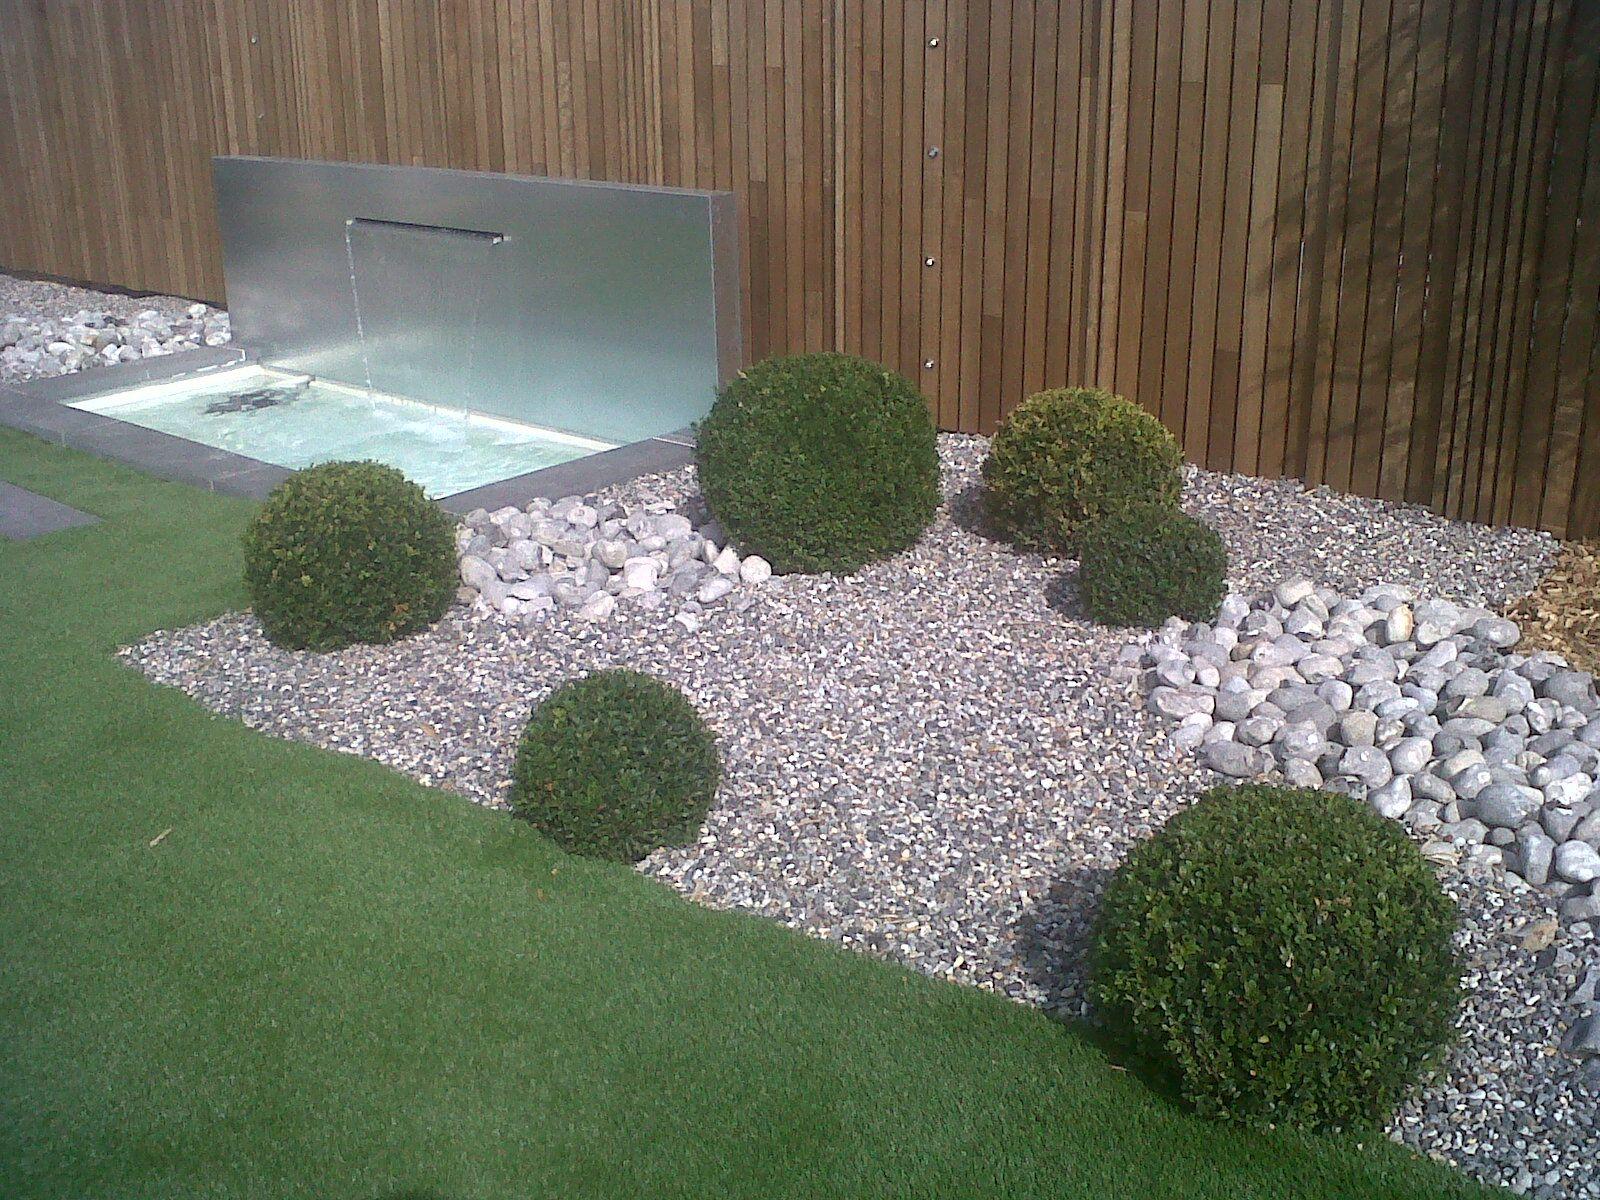 cupa pierre naturelle dans la nouvelle agence du paysagiste sylvain baranger pierrenaturelle. Black Bedroom Furniture Sets. Home Design Ideas